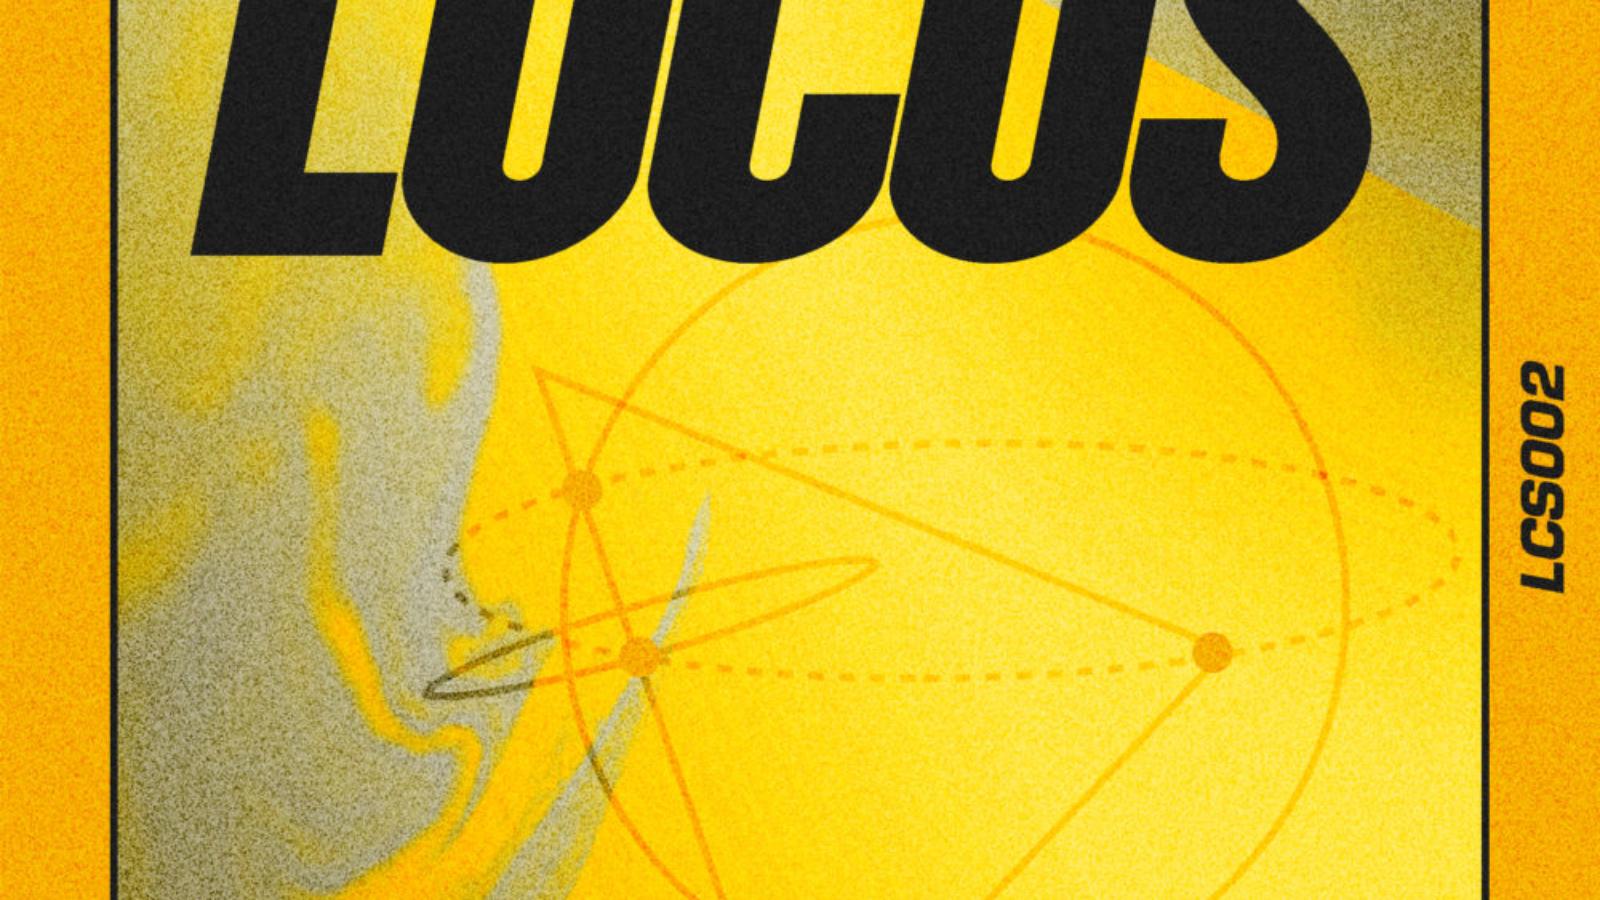 LCS002 ARTWORK Chris Stussy & Toman - Timewriter EP - LOCUS